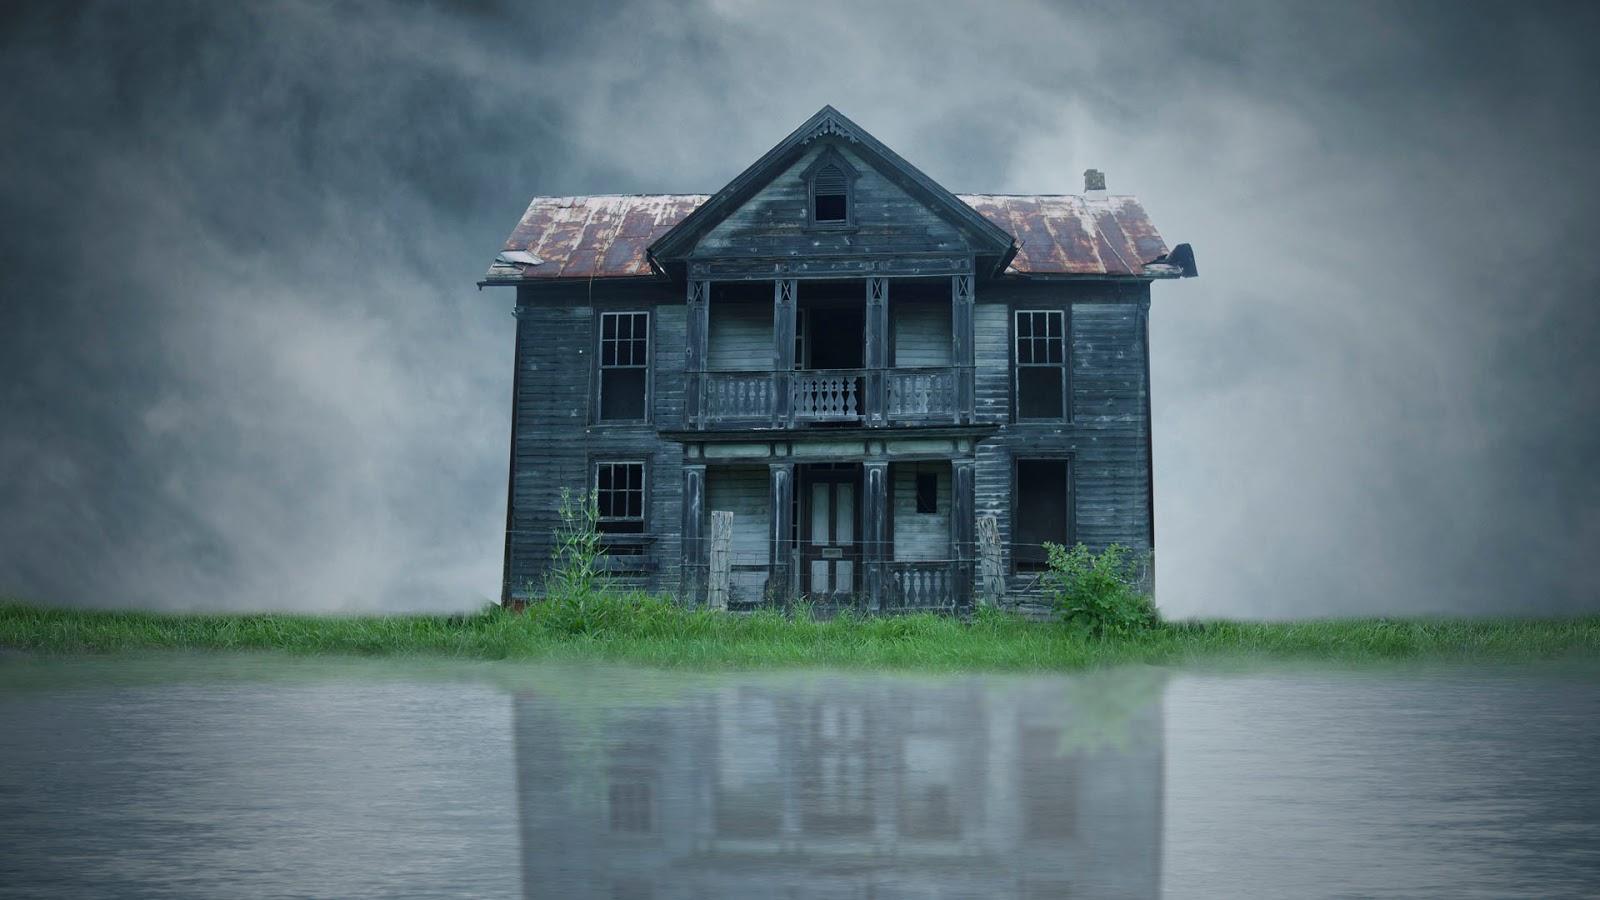 Photoshop Manipulacion: La Extraña Vivienda En El Lago